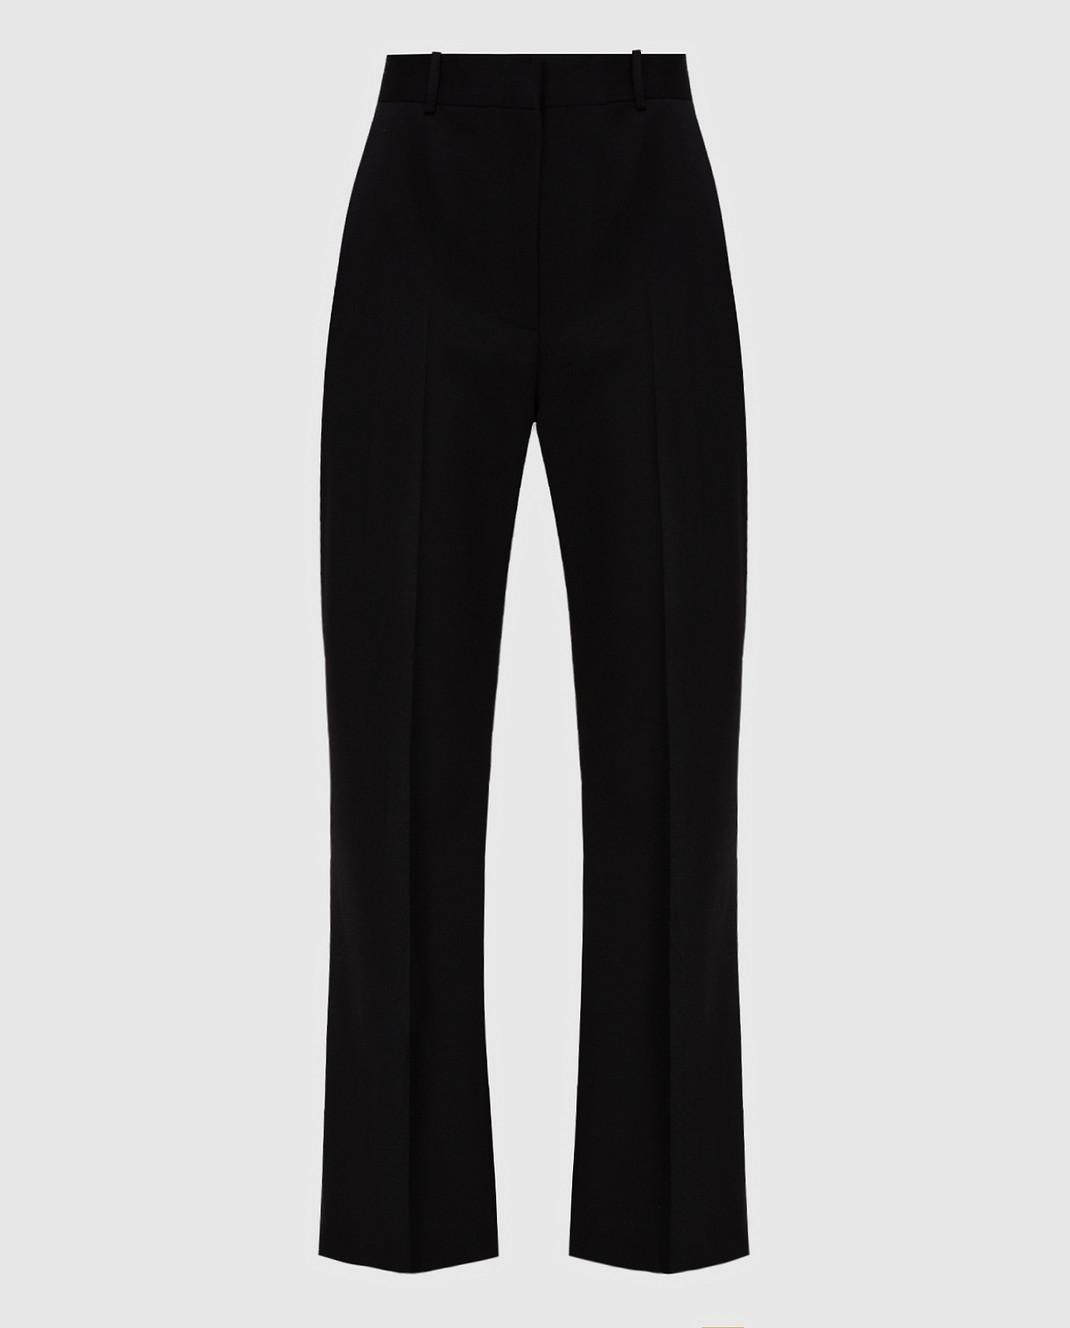 Altuzarra Черные брюки из шерсти изображение 1